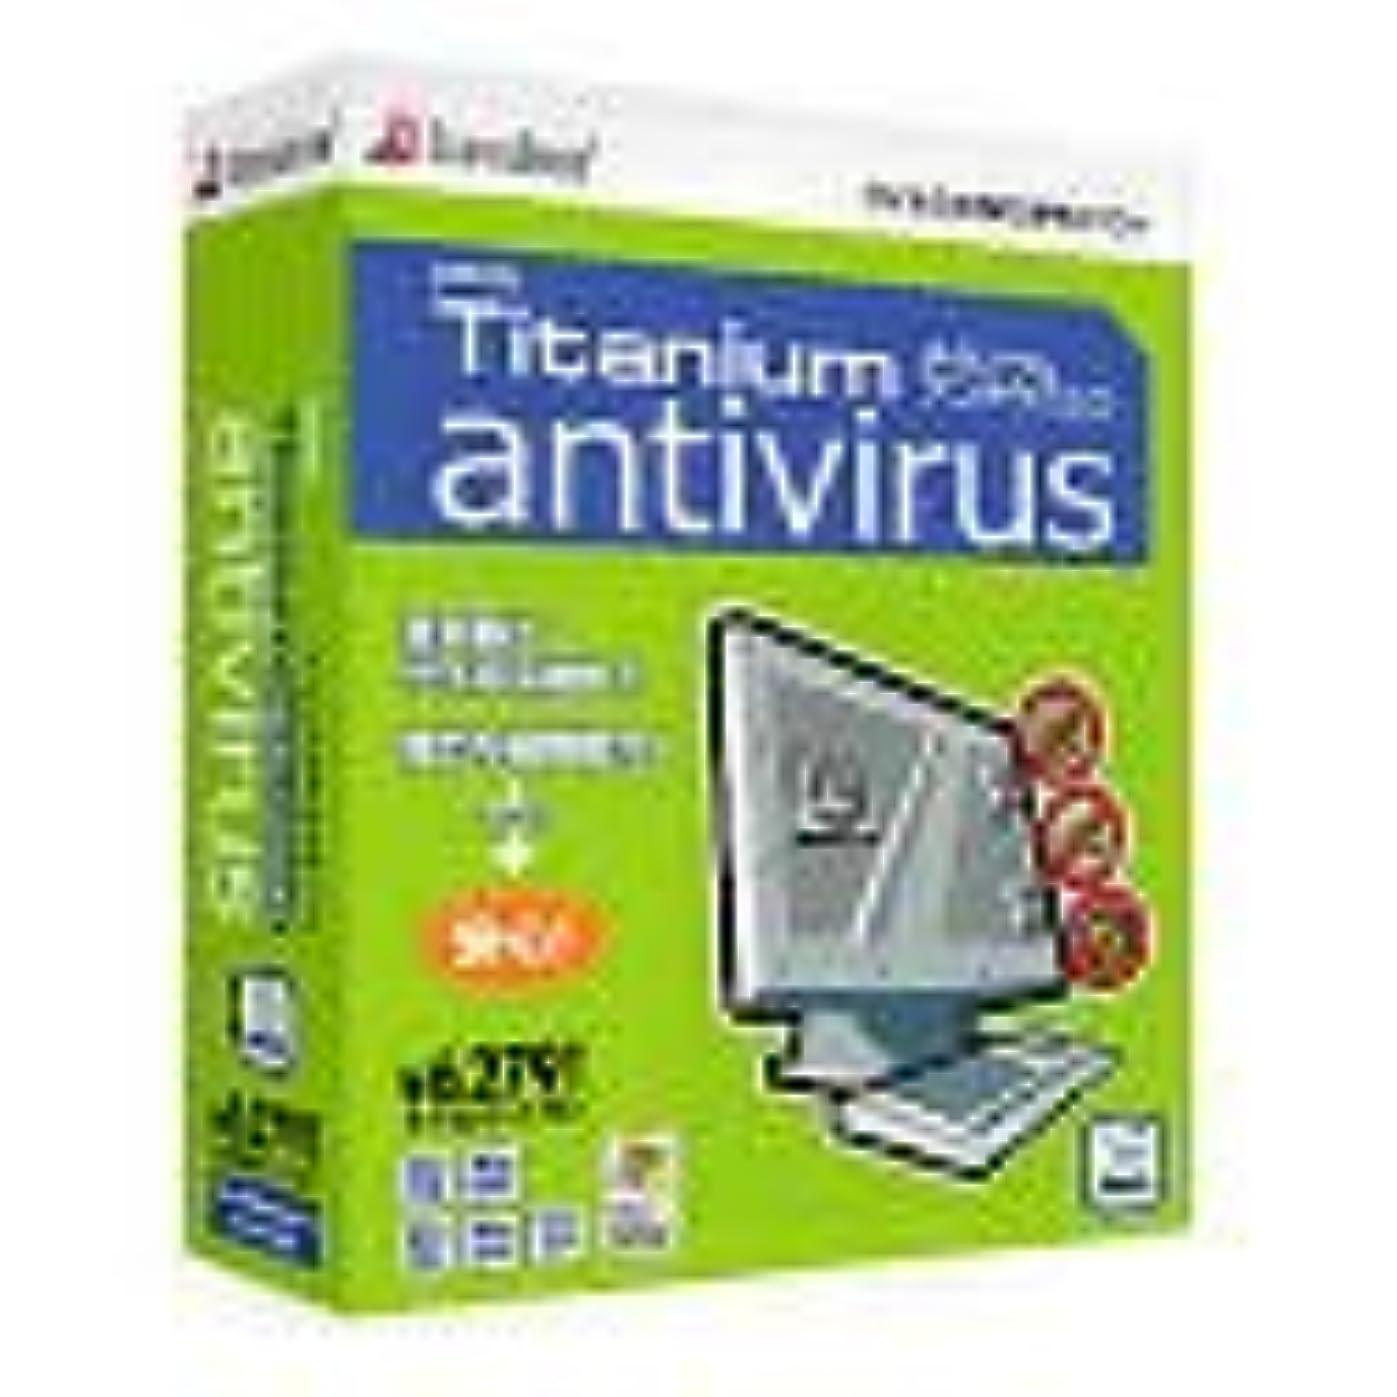 振幅シャープ補うPanda Titanium Antivirus